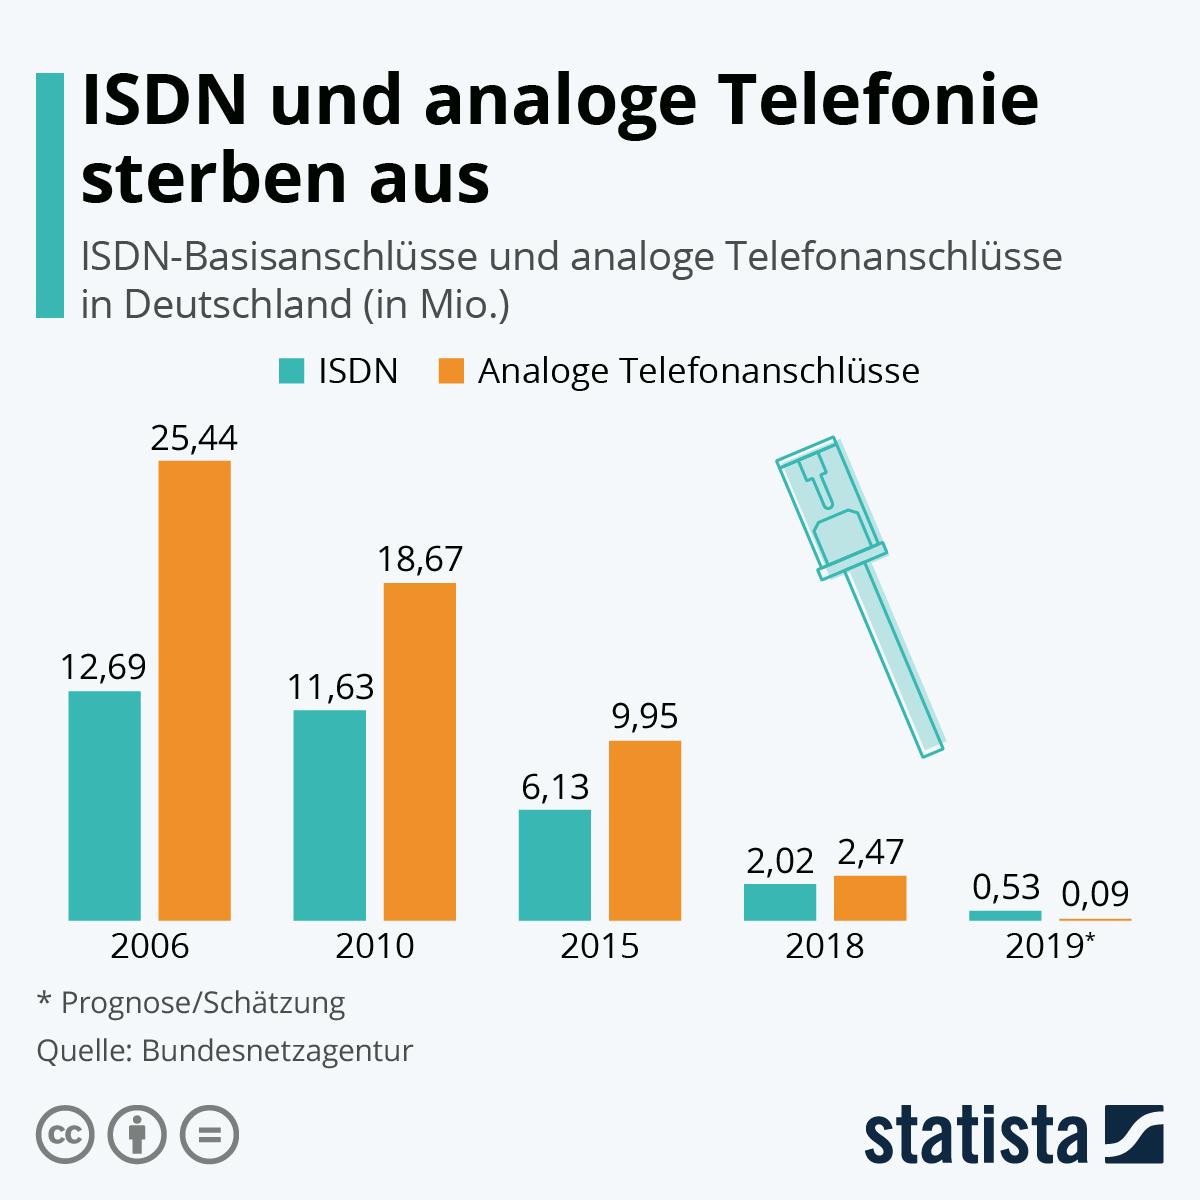 Infografik: ISDN und analoge Telefonie sterben aus | Statista